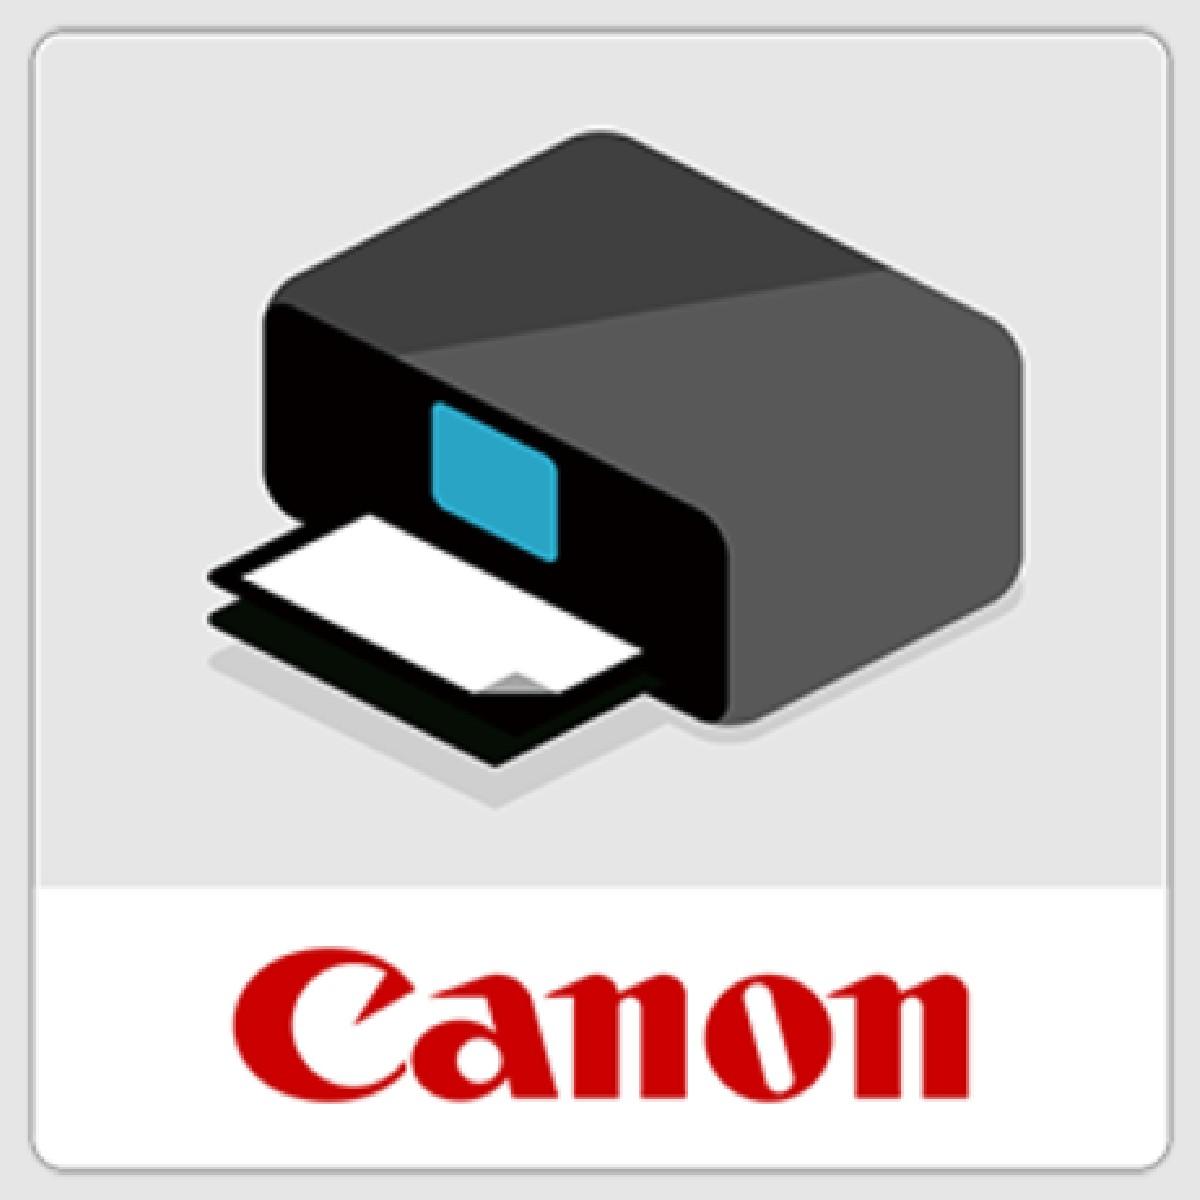 Canon printer driver